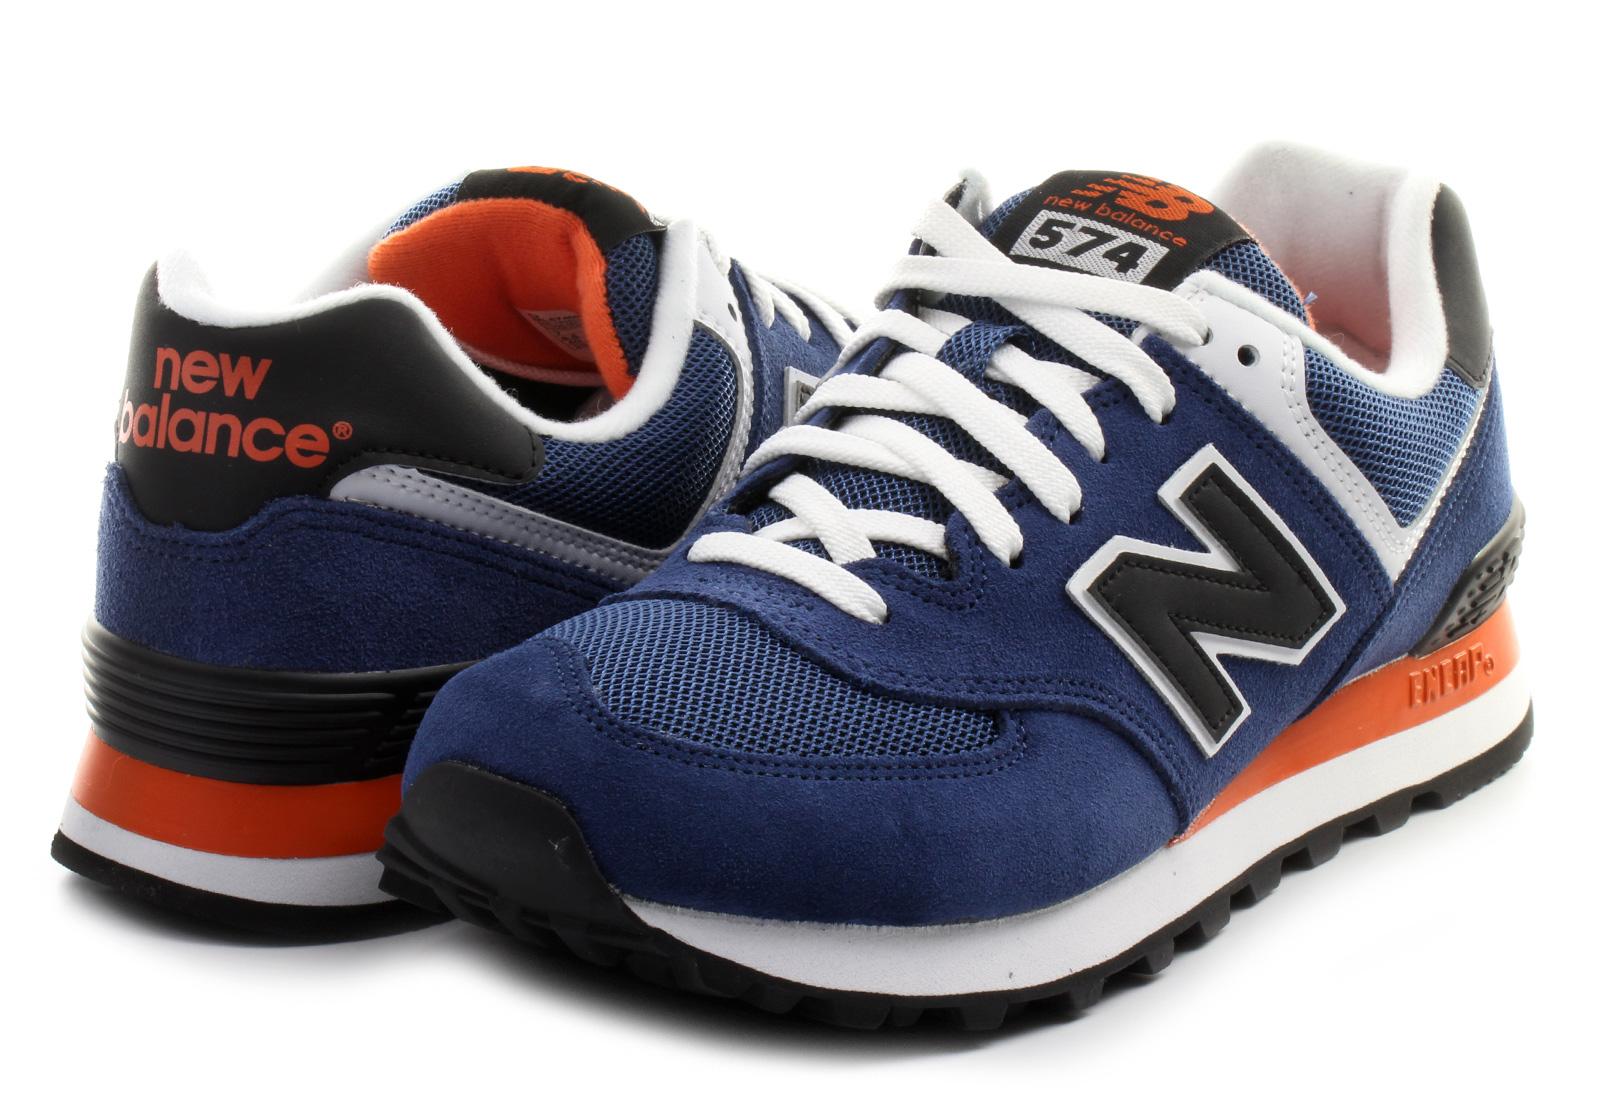 cafae1921 New Balance Topánky - Ml574 - ML574MOY - Tenisky, Topánky, Čižmy ...